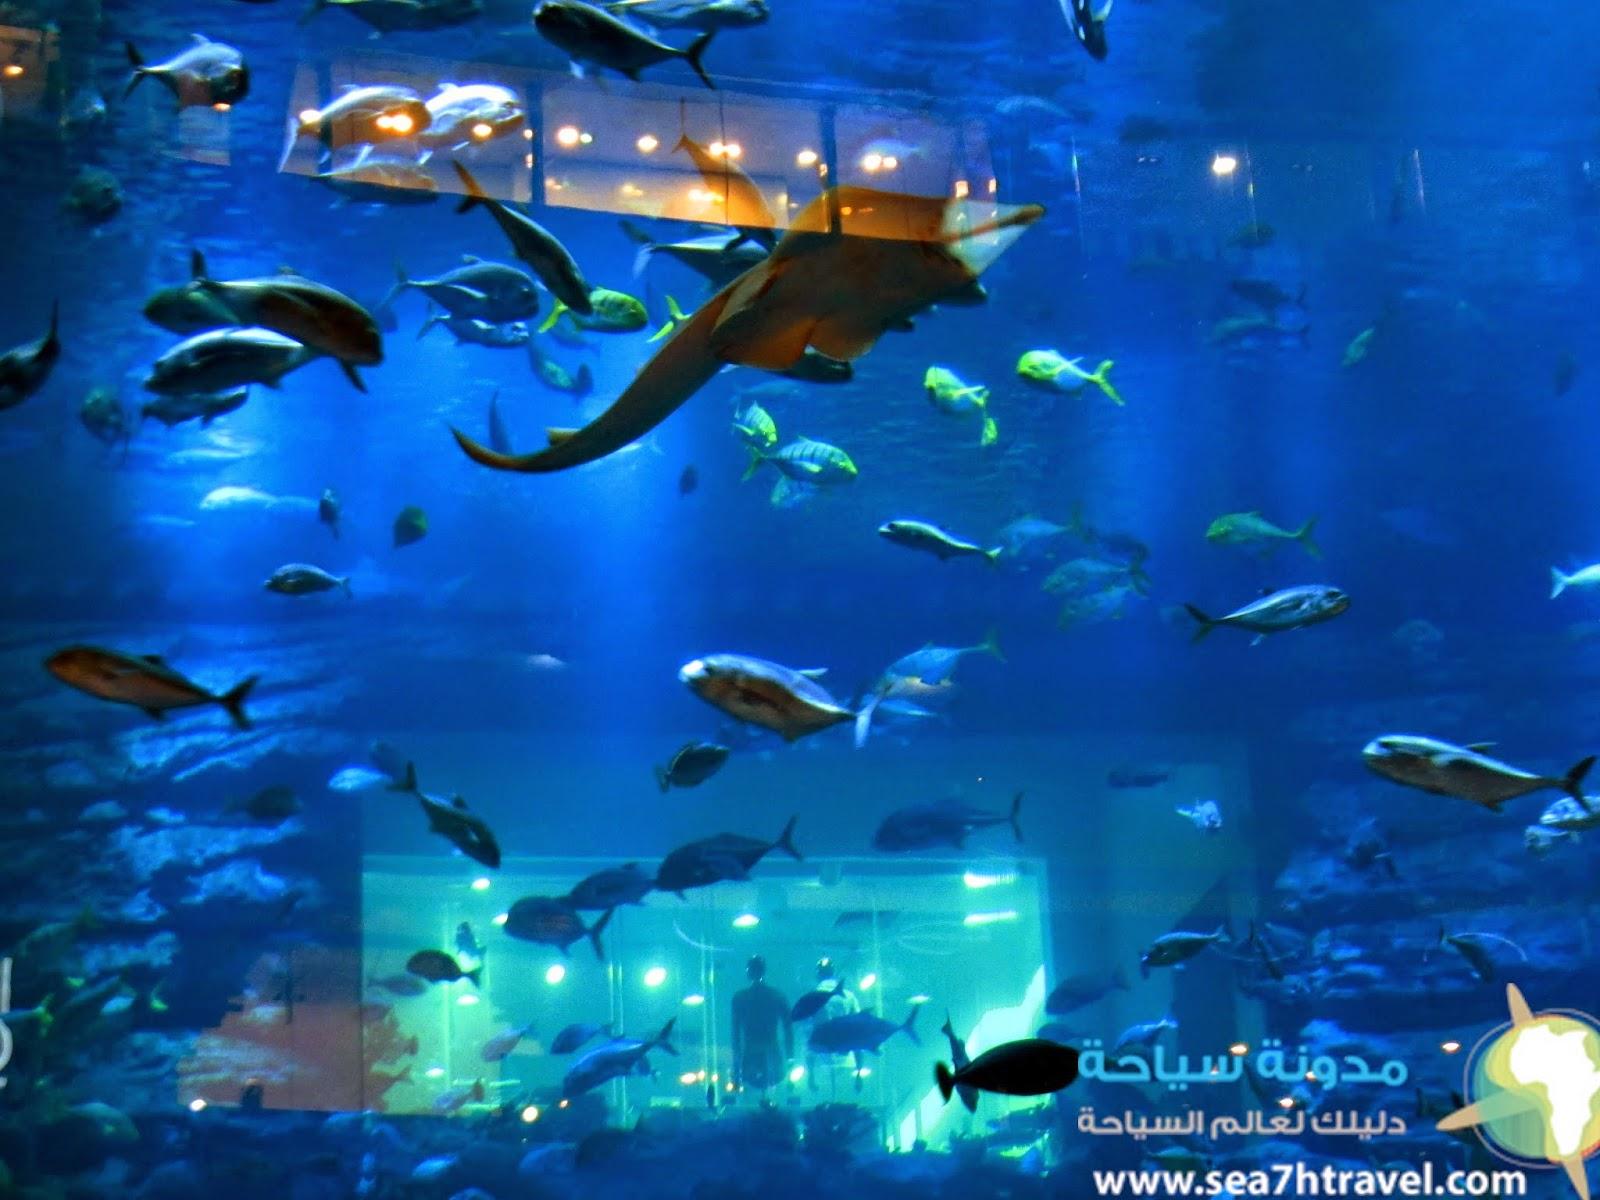 سحر السياحة في دبي اكواريوم Dubai Aquarium